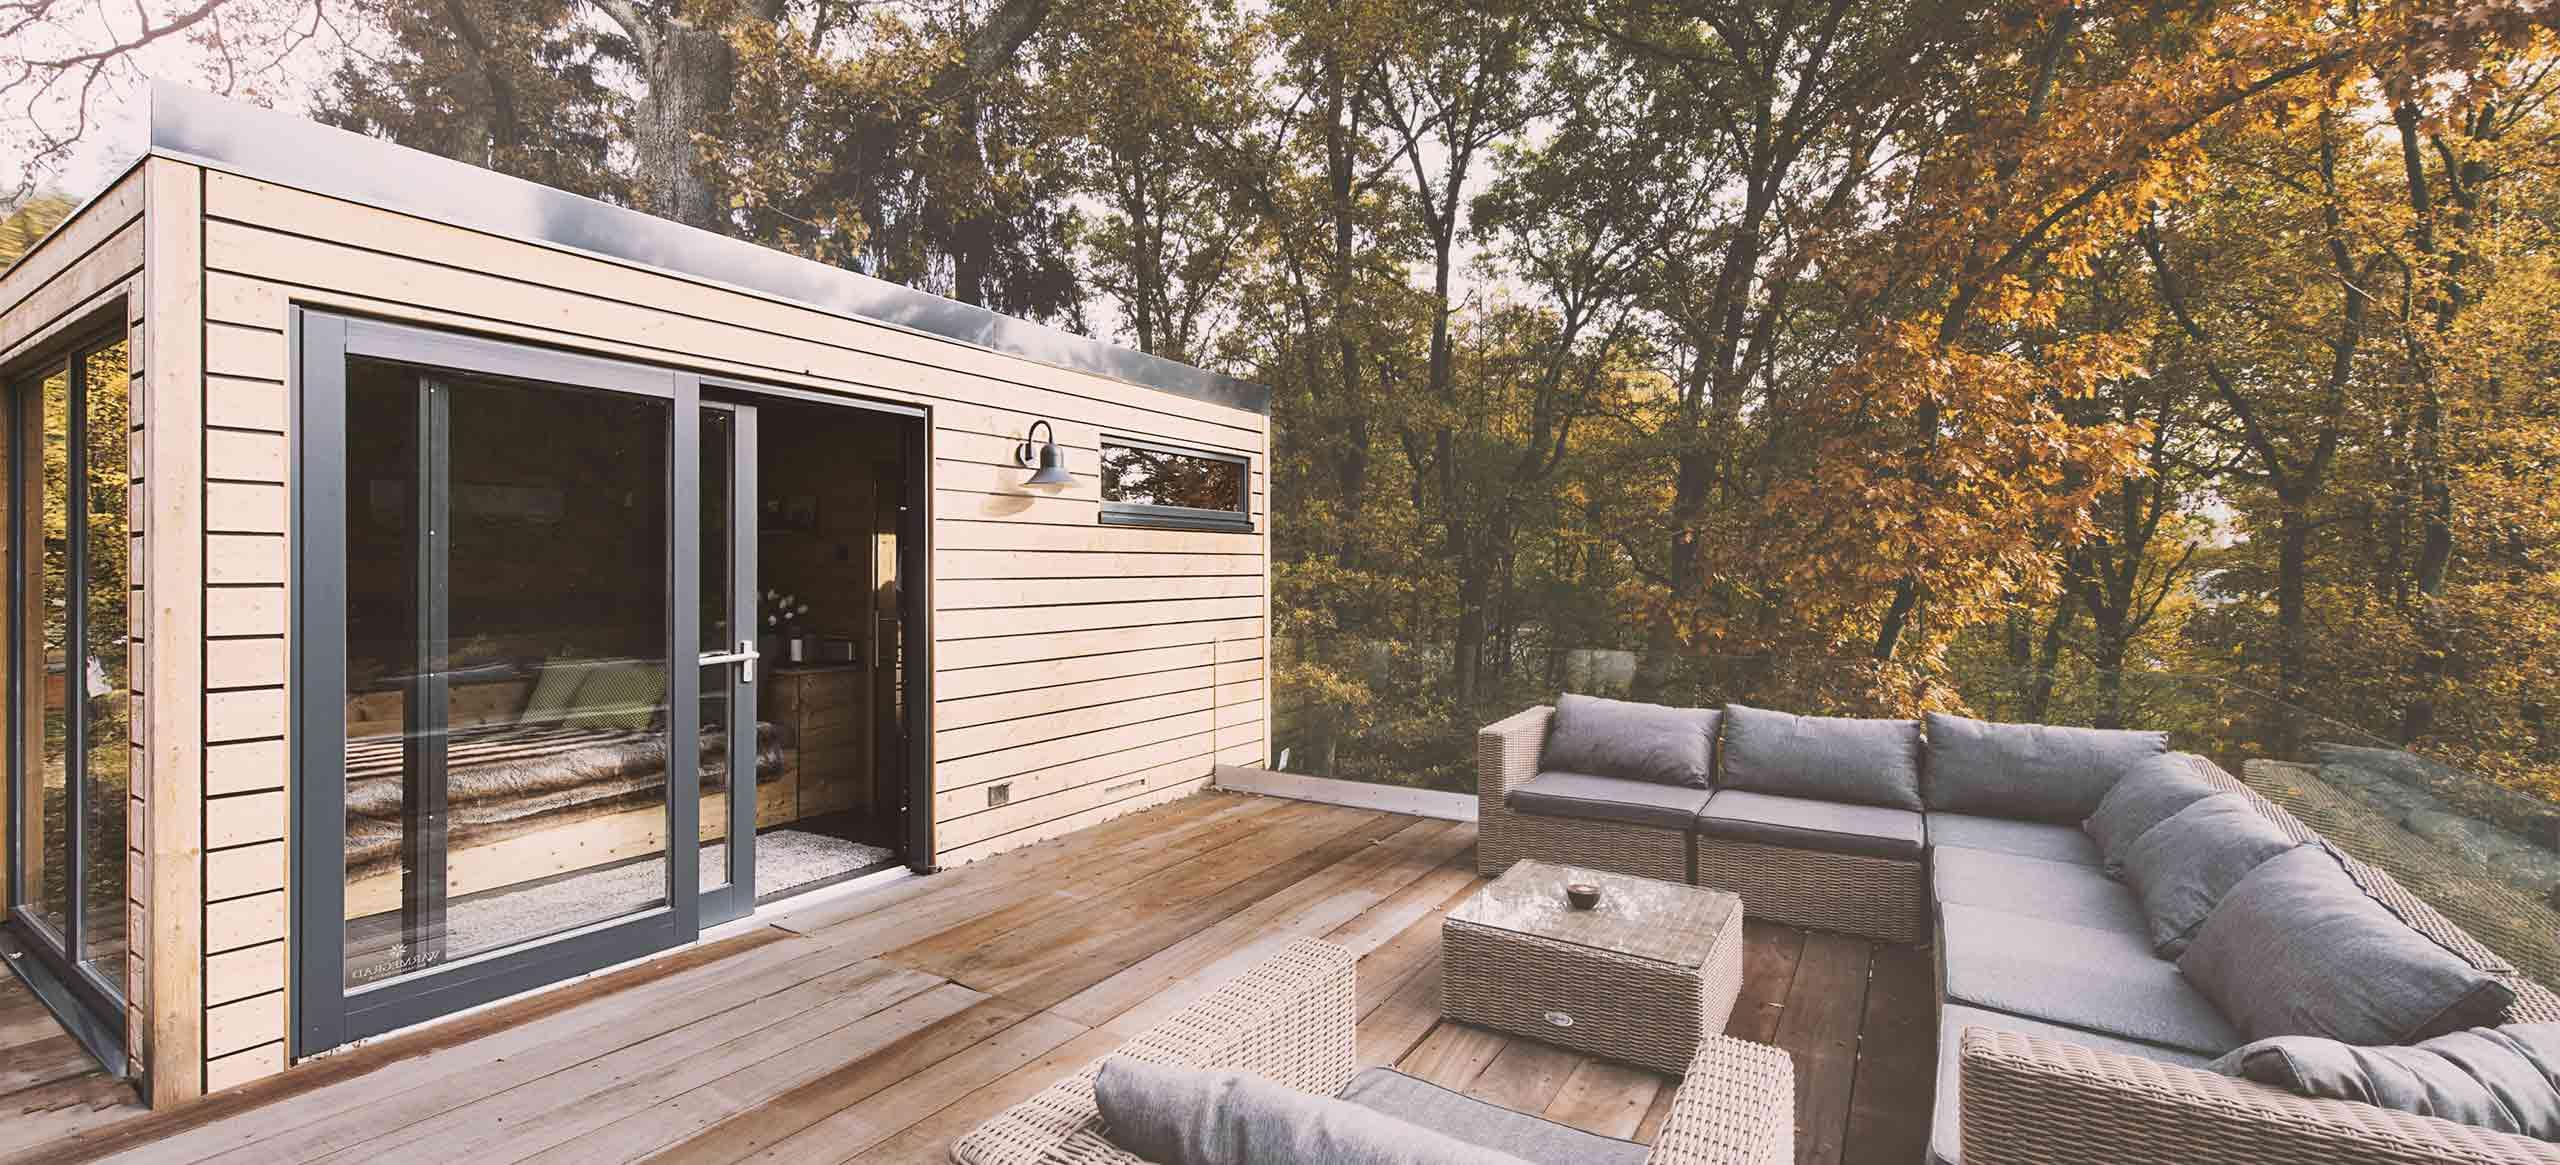 Wärmegrad Außensauna für den Garten - Whirlpool & Living